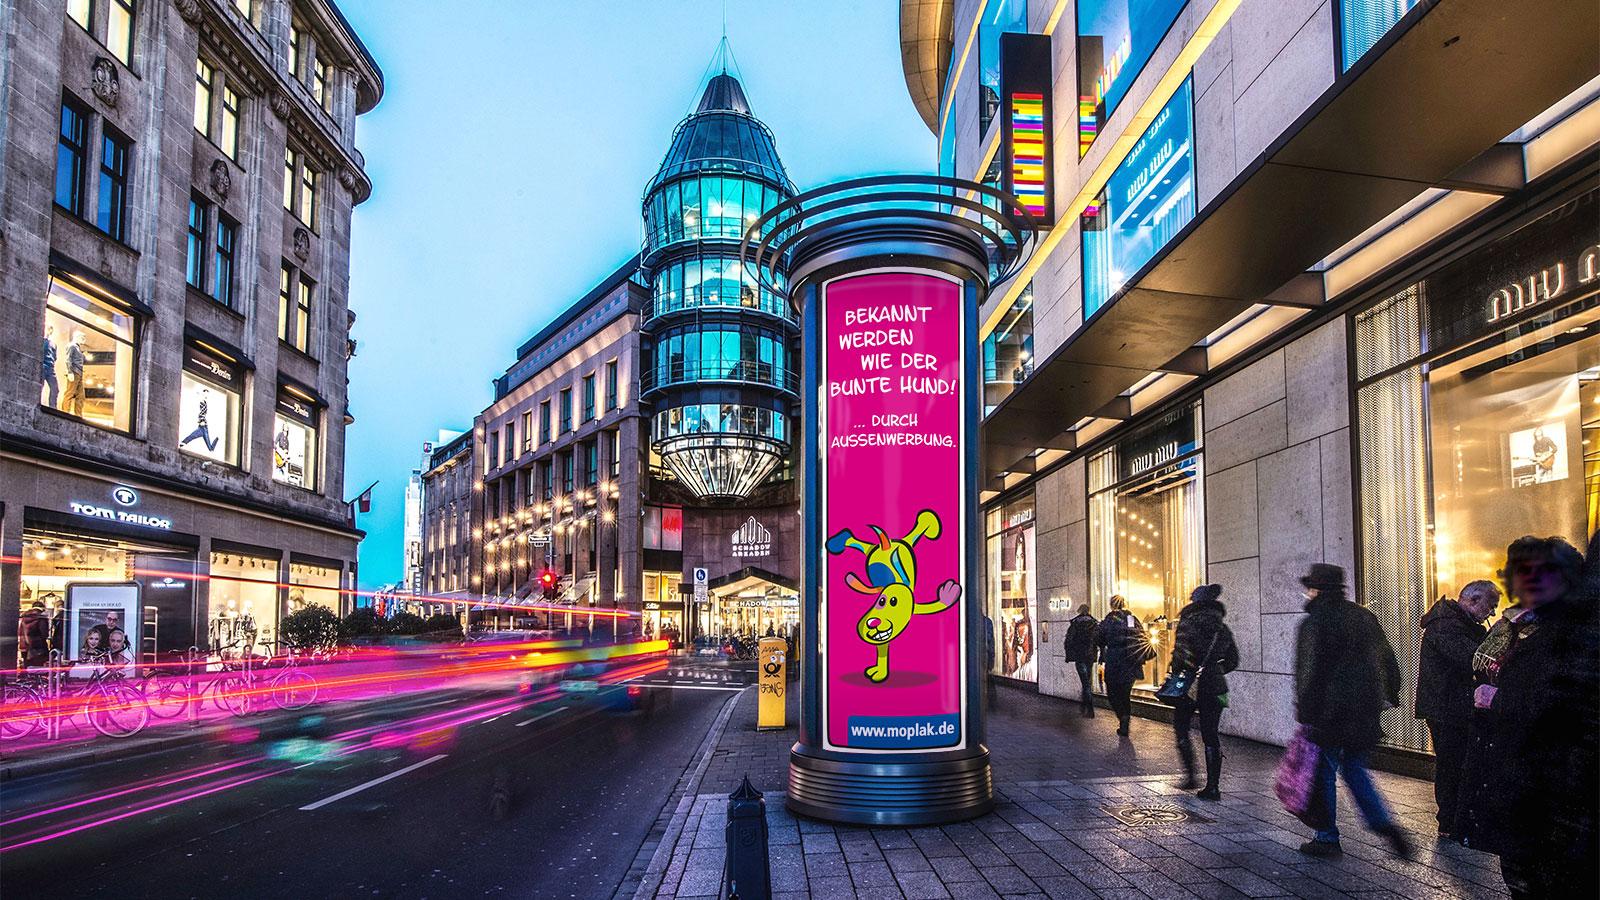 Nuernberg-Aussenwerbung-Litfasssaeule-Werbung